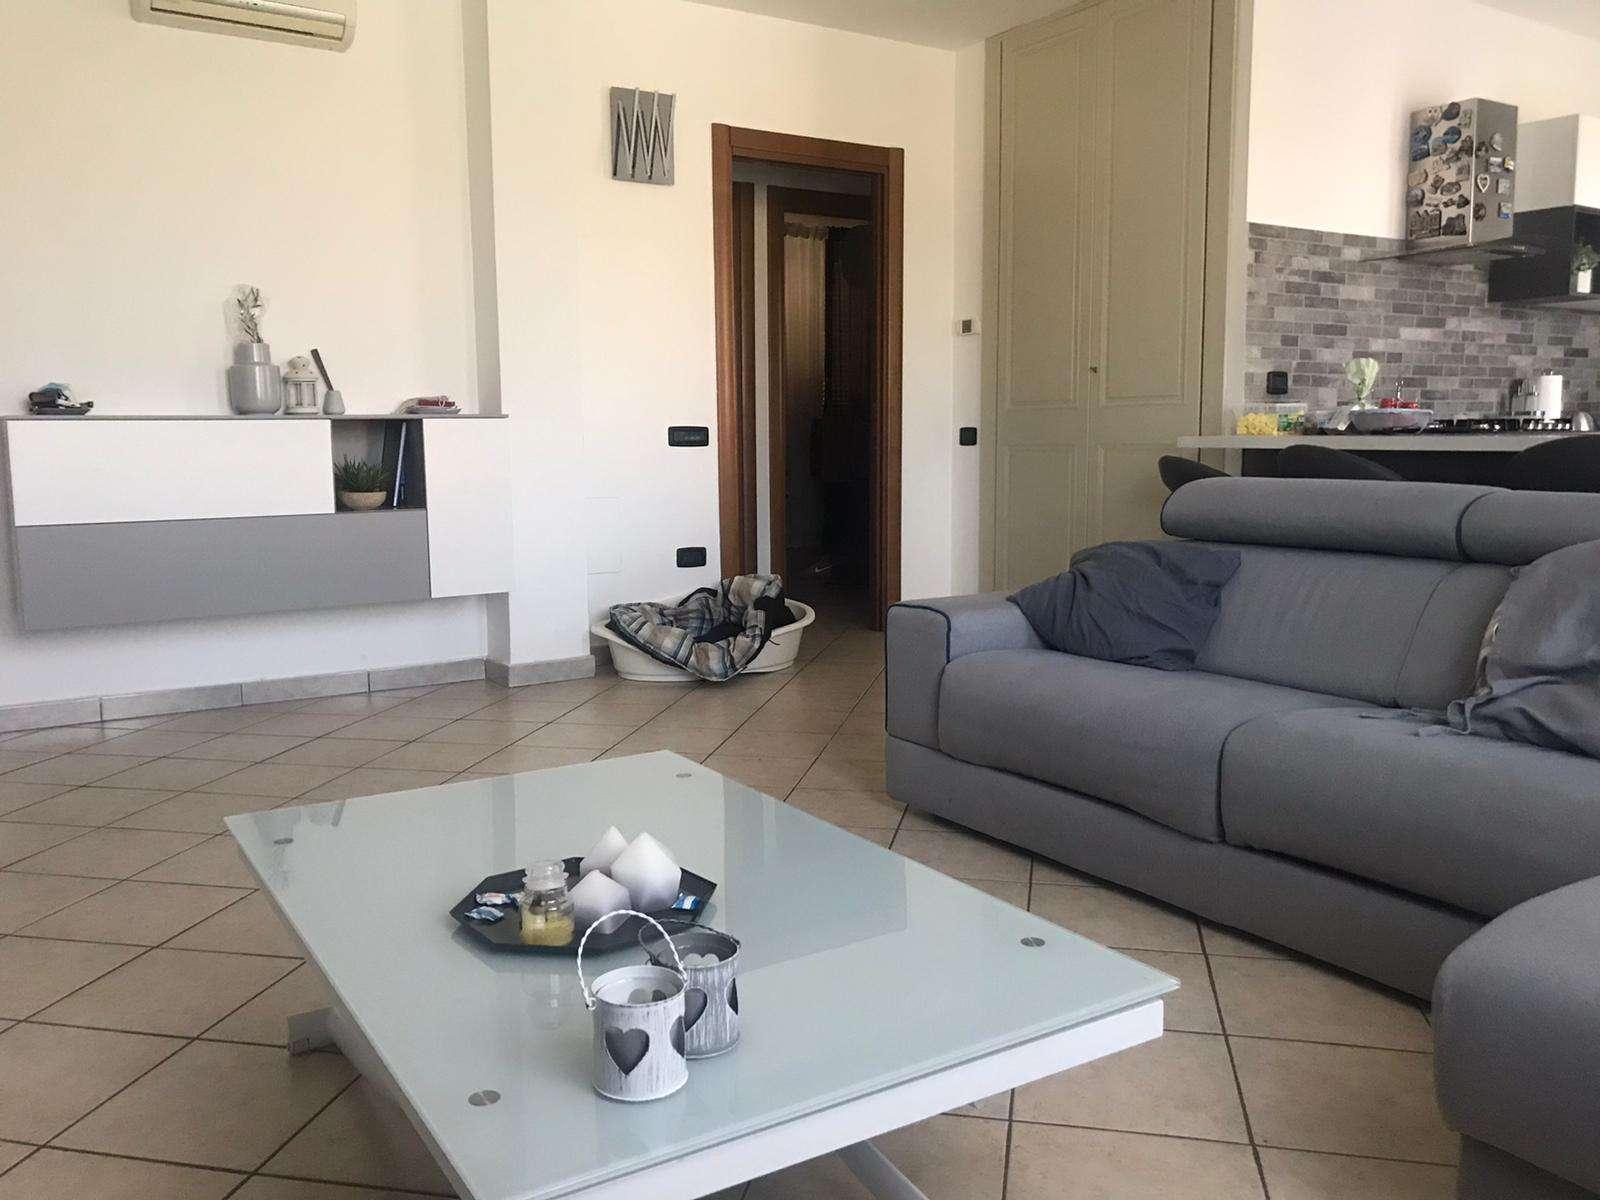 appartamento-in-vendita-3-locali-san-senone-al-lambro-trilocale-spaziourbano-immobiliare-vende-8